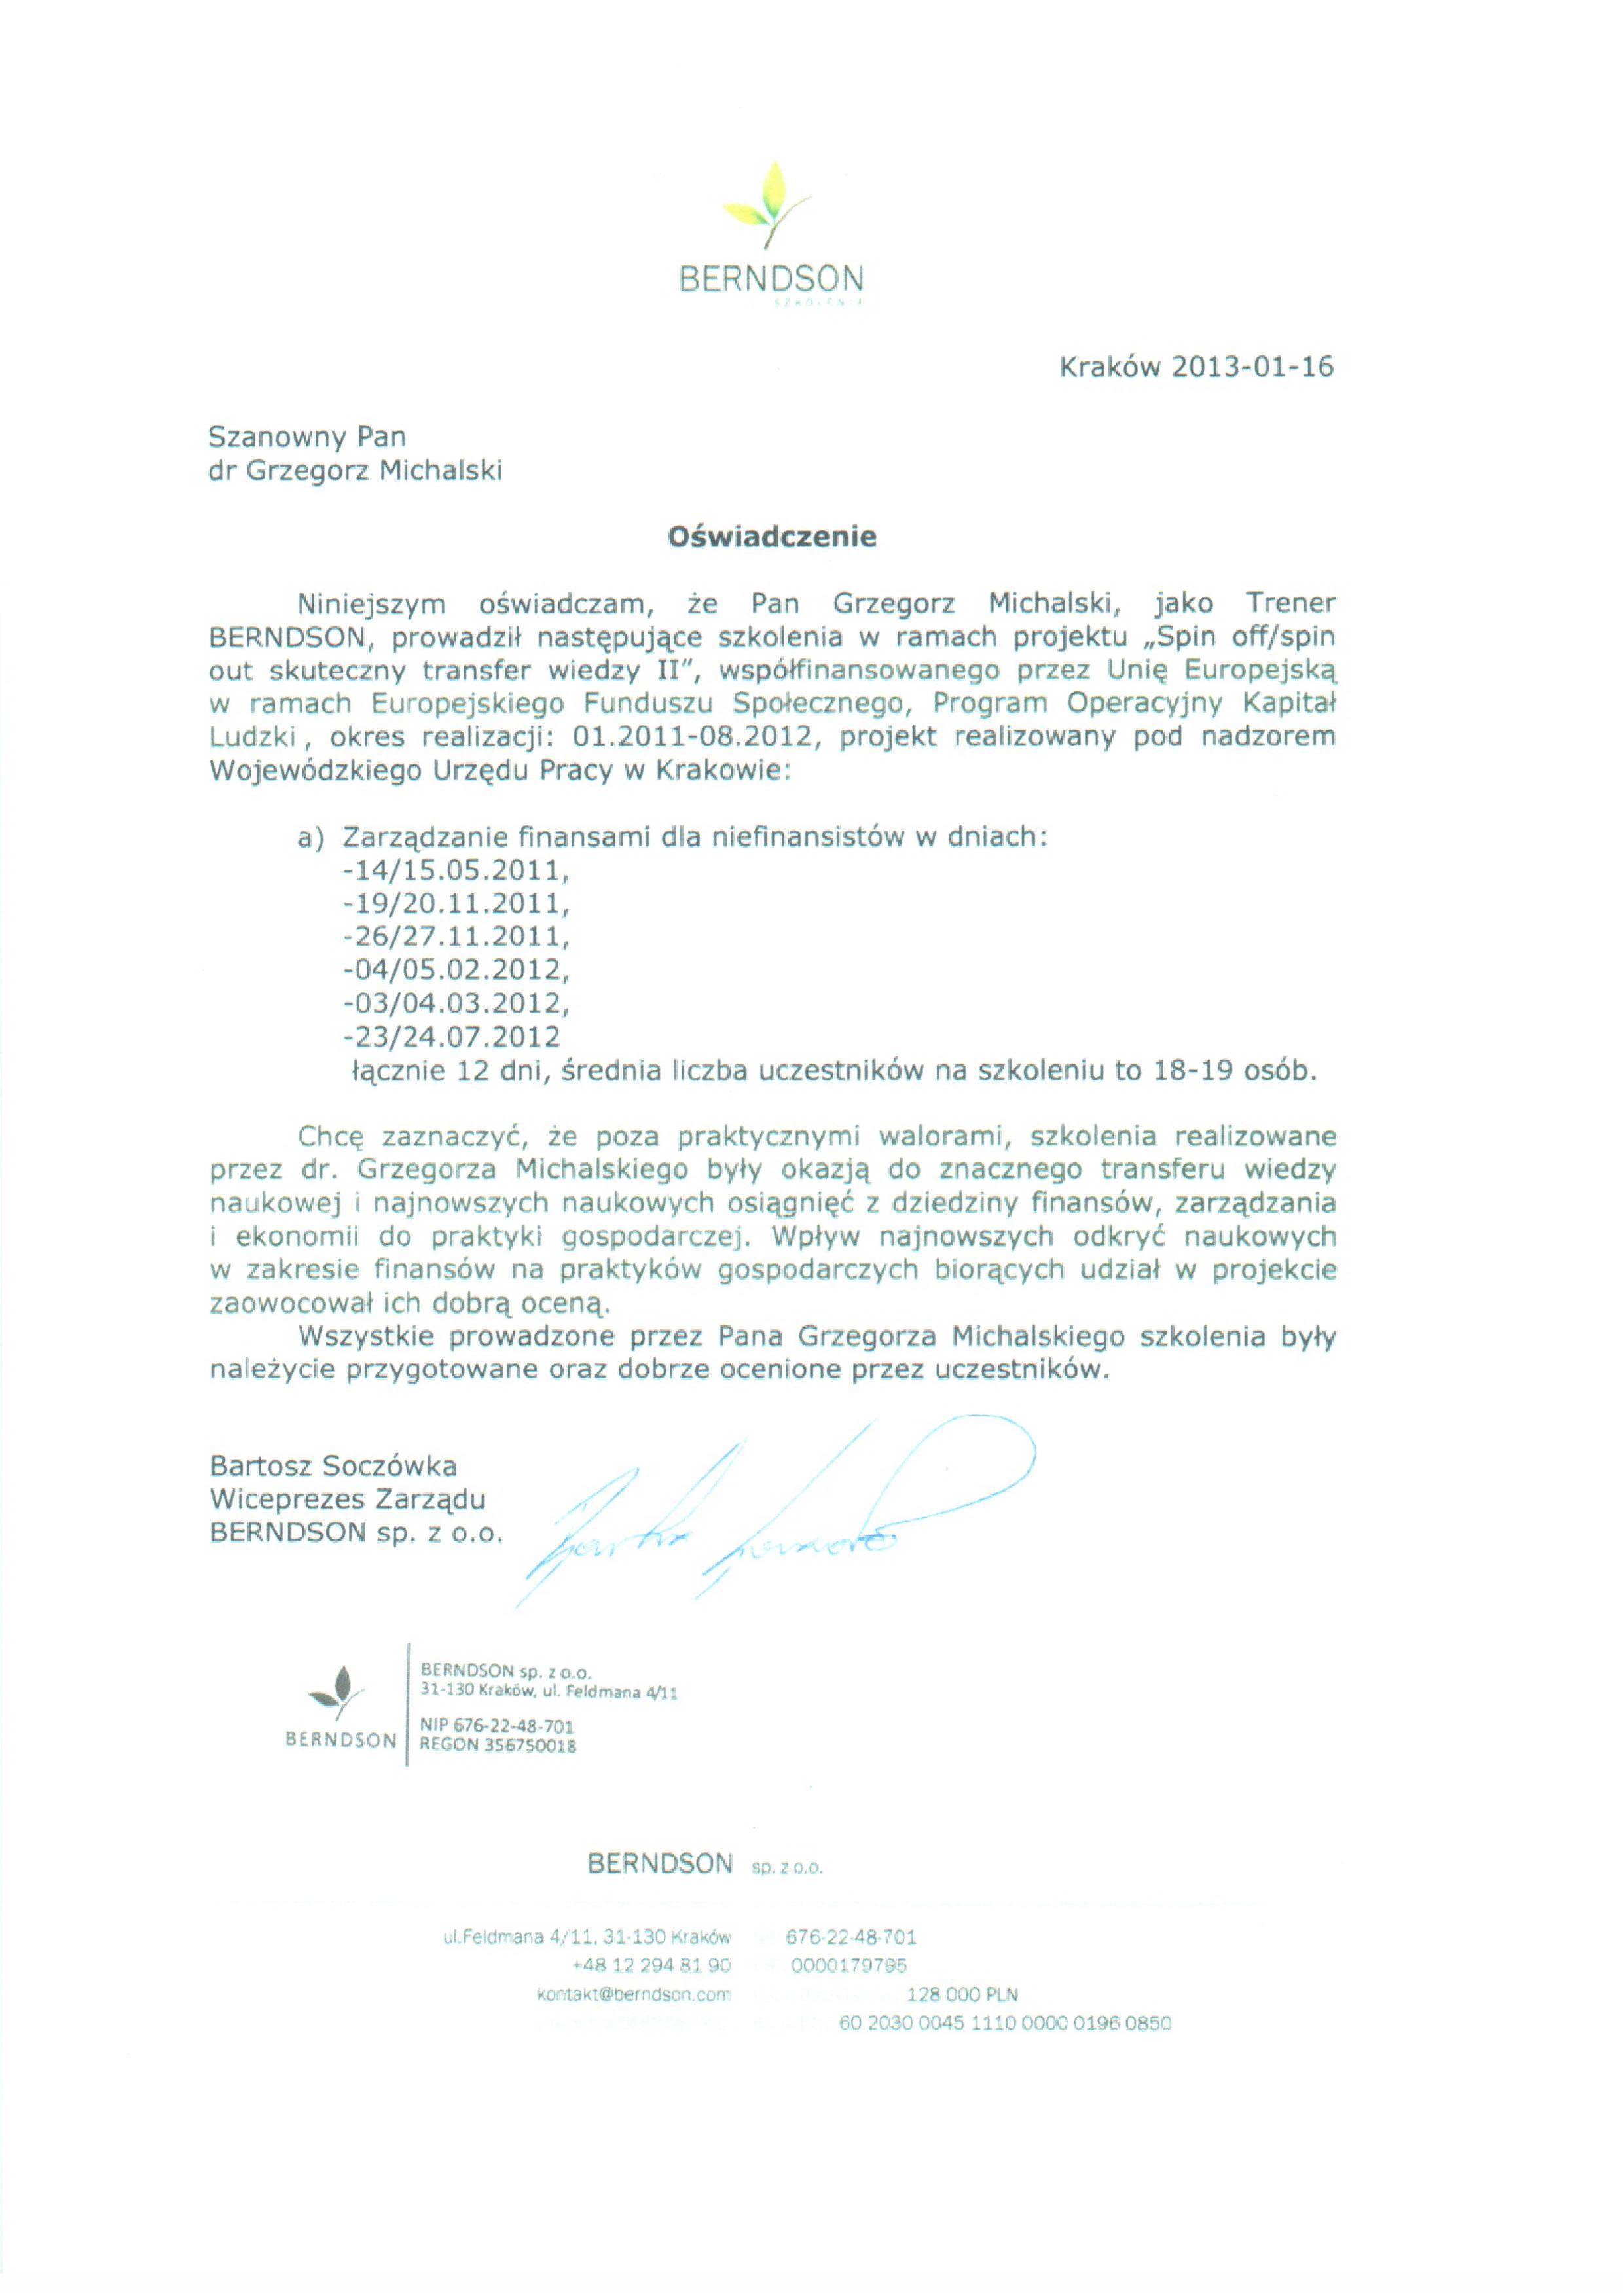 Referencje-michalski-grzegorz-Zarzadzanie-Finansami-FNF2011Krakow.jpg?=szkolenia